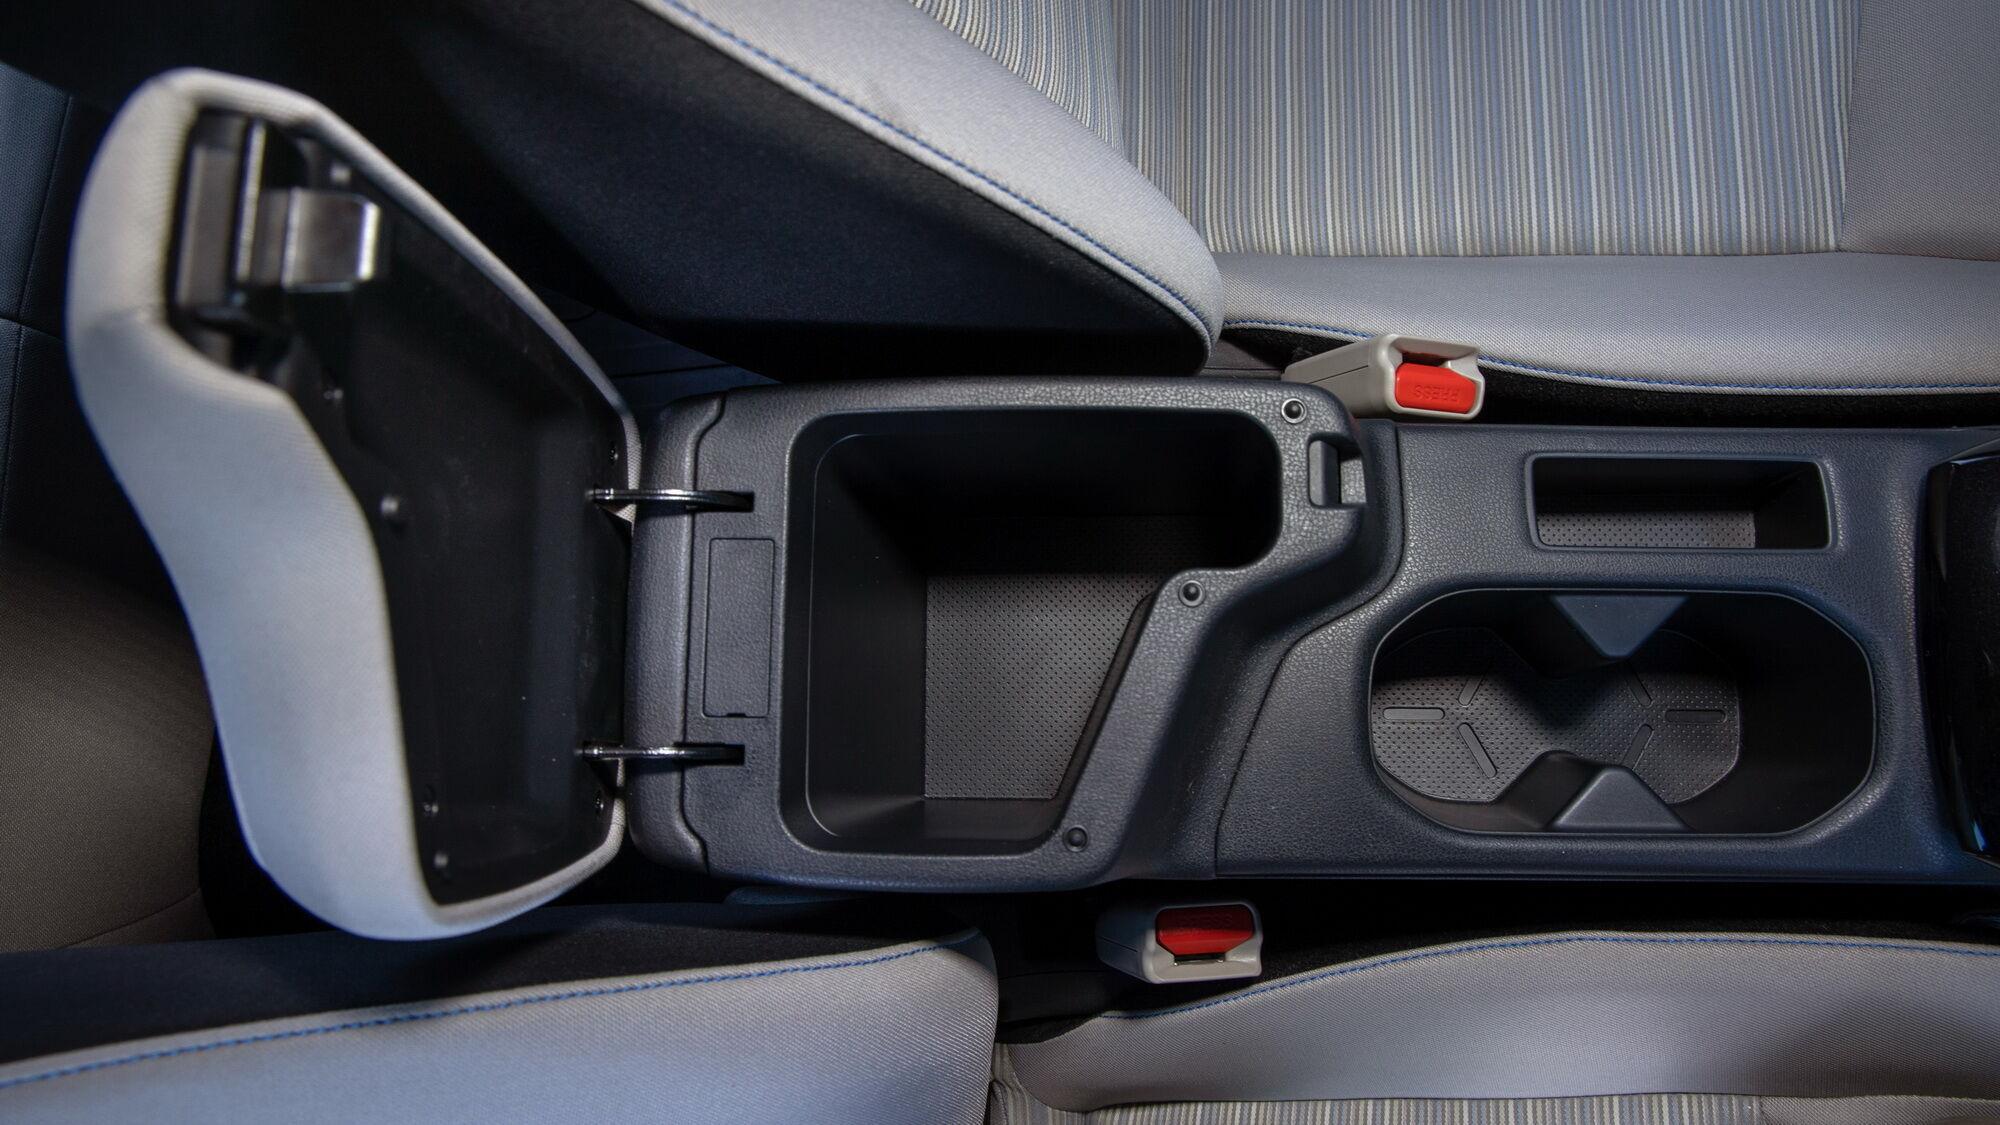 У машині досить різних відділень для дрібниць, включаючи місткий бардачок та відділення в передньому підлокітнику